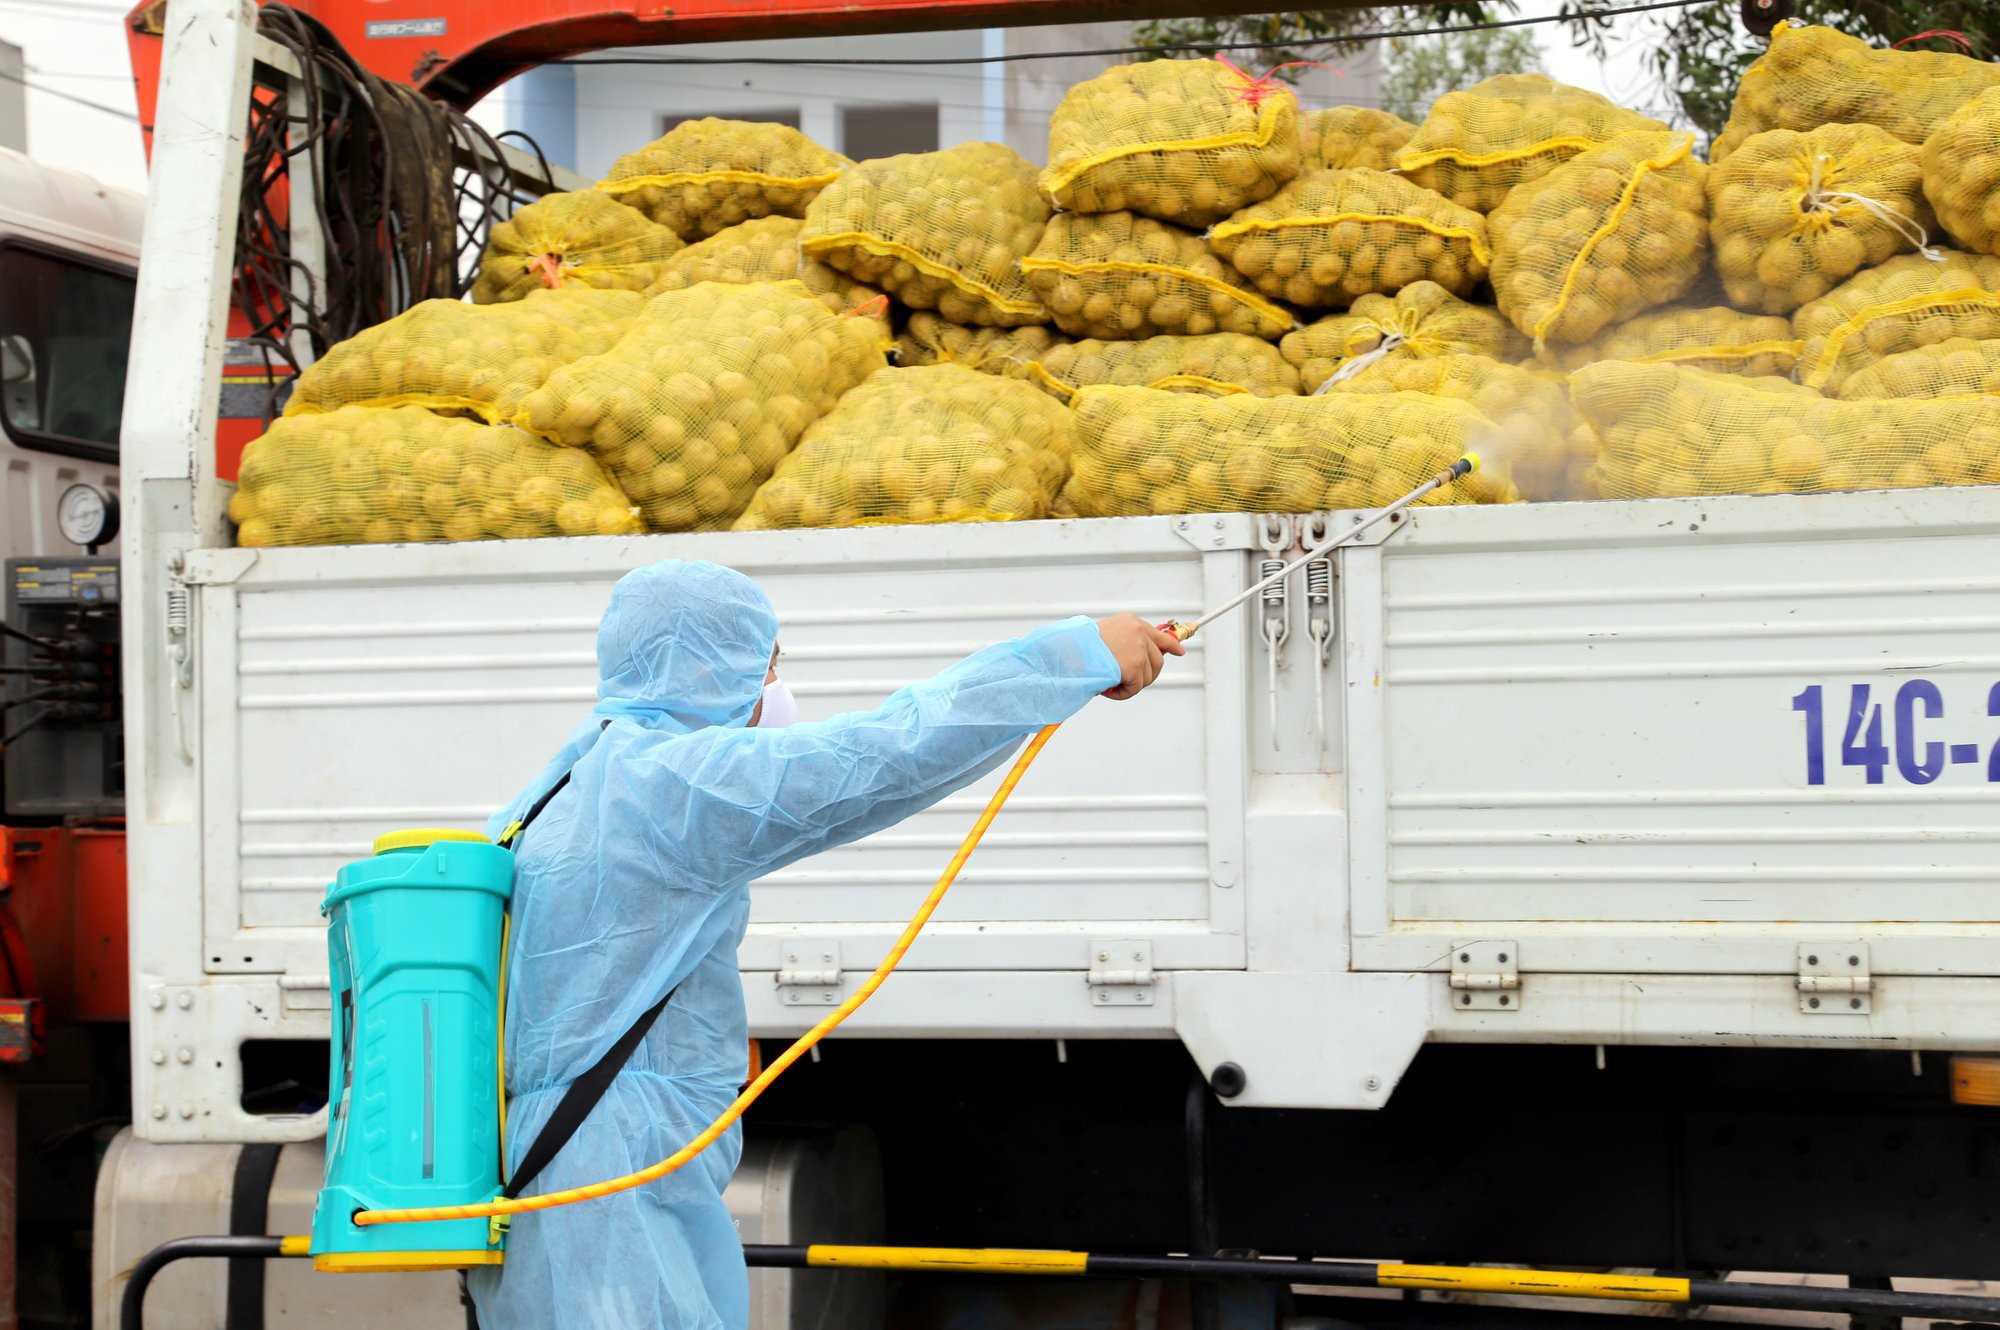 Nông dân Hải Dương, Quảng Ninh điêu đứng vì Covid-19, Bộ NNPTNT đề nghị báo cáo nhanh tình hình sản xuất - Ảnh 1.